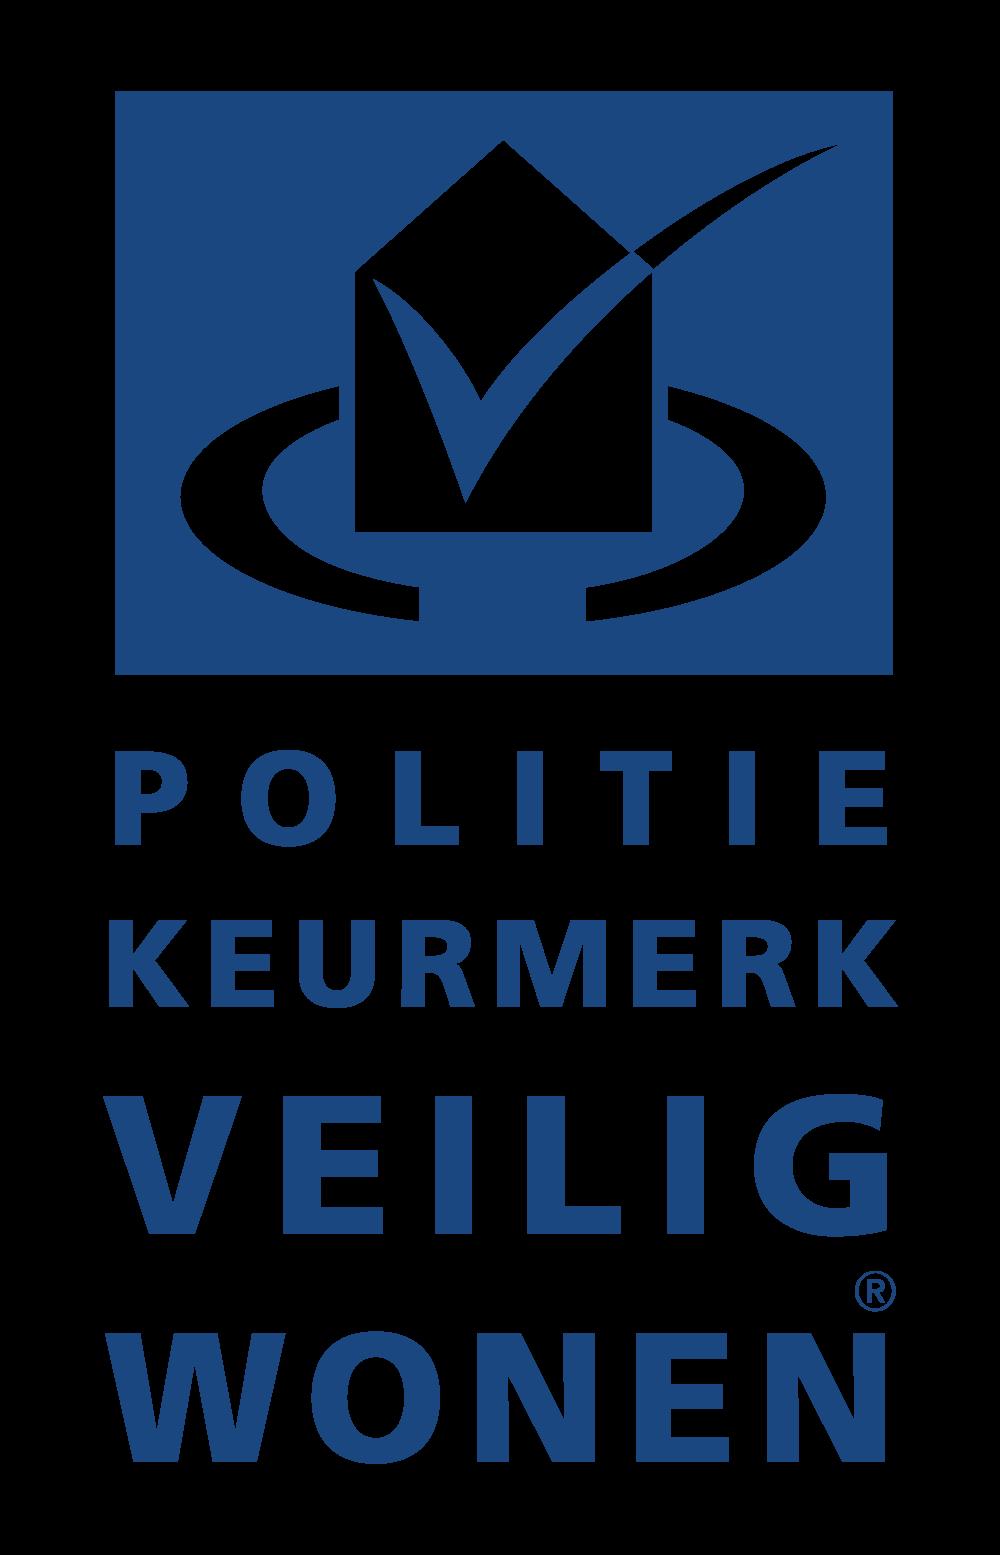 Politiekeurmerk-veiligwonen-small